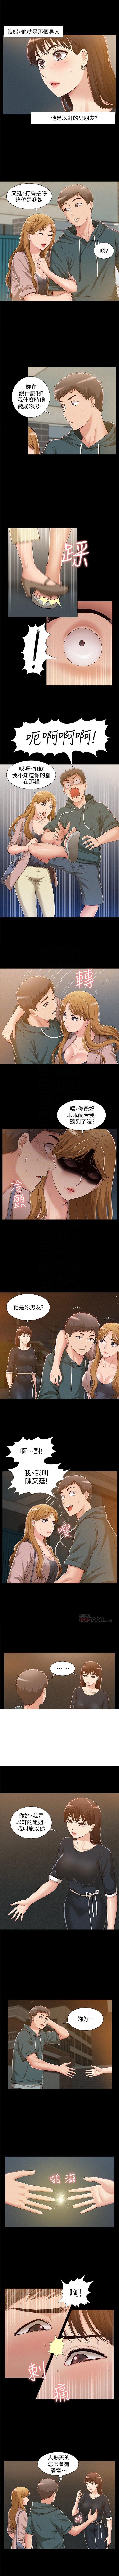 (週4)難言之隱 1-24 中文翻譯(更新中) 45